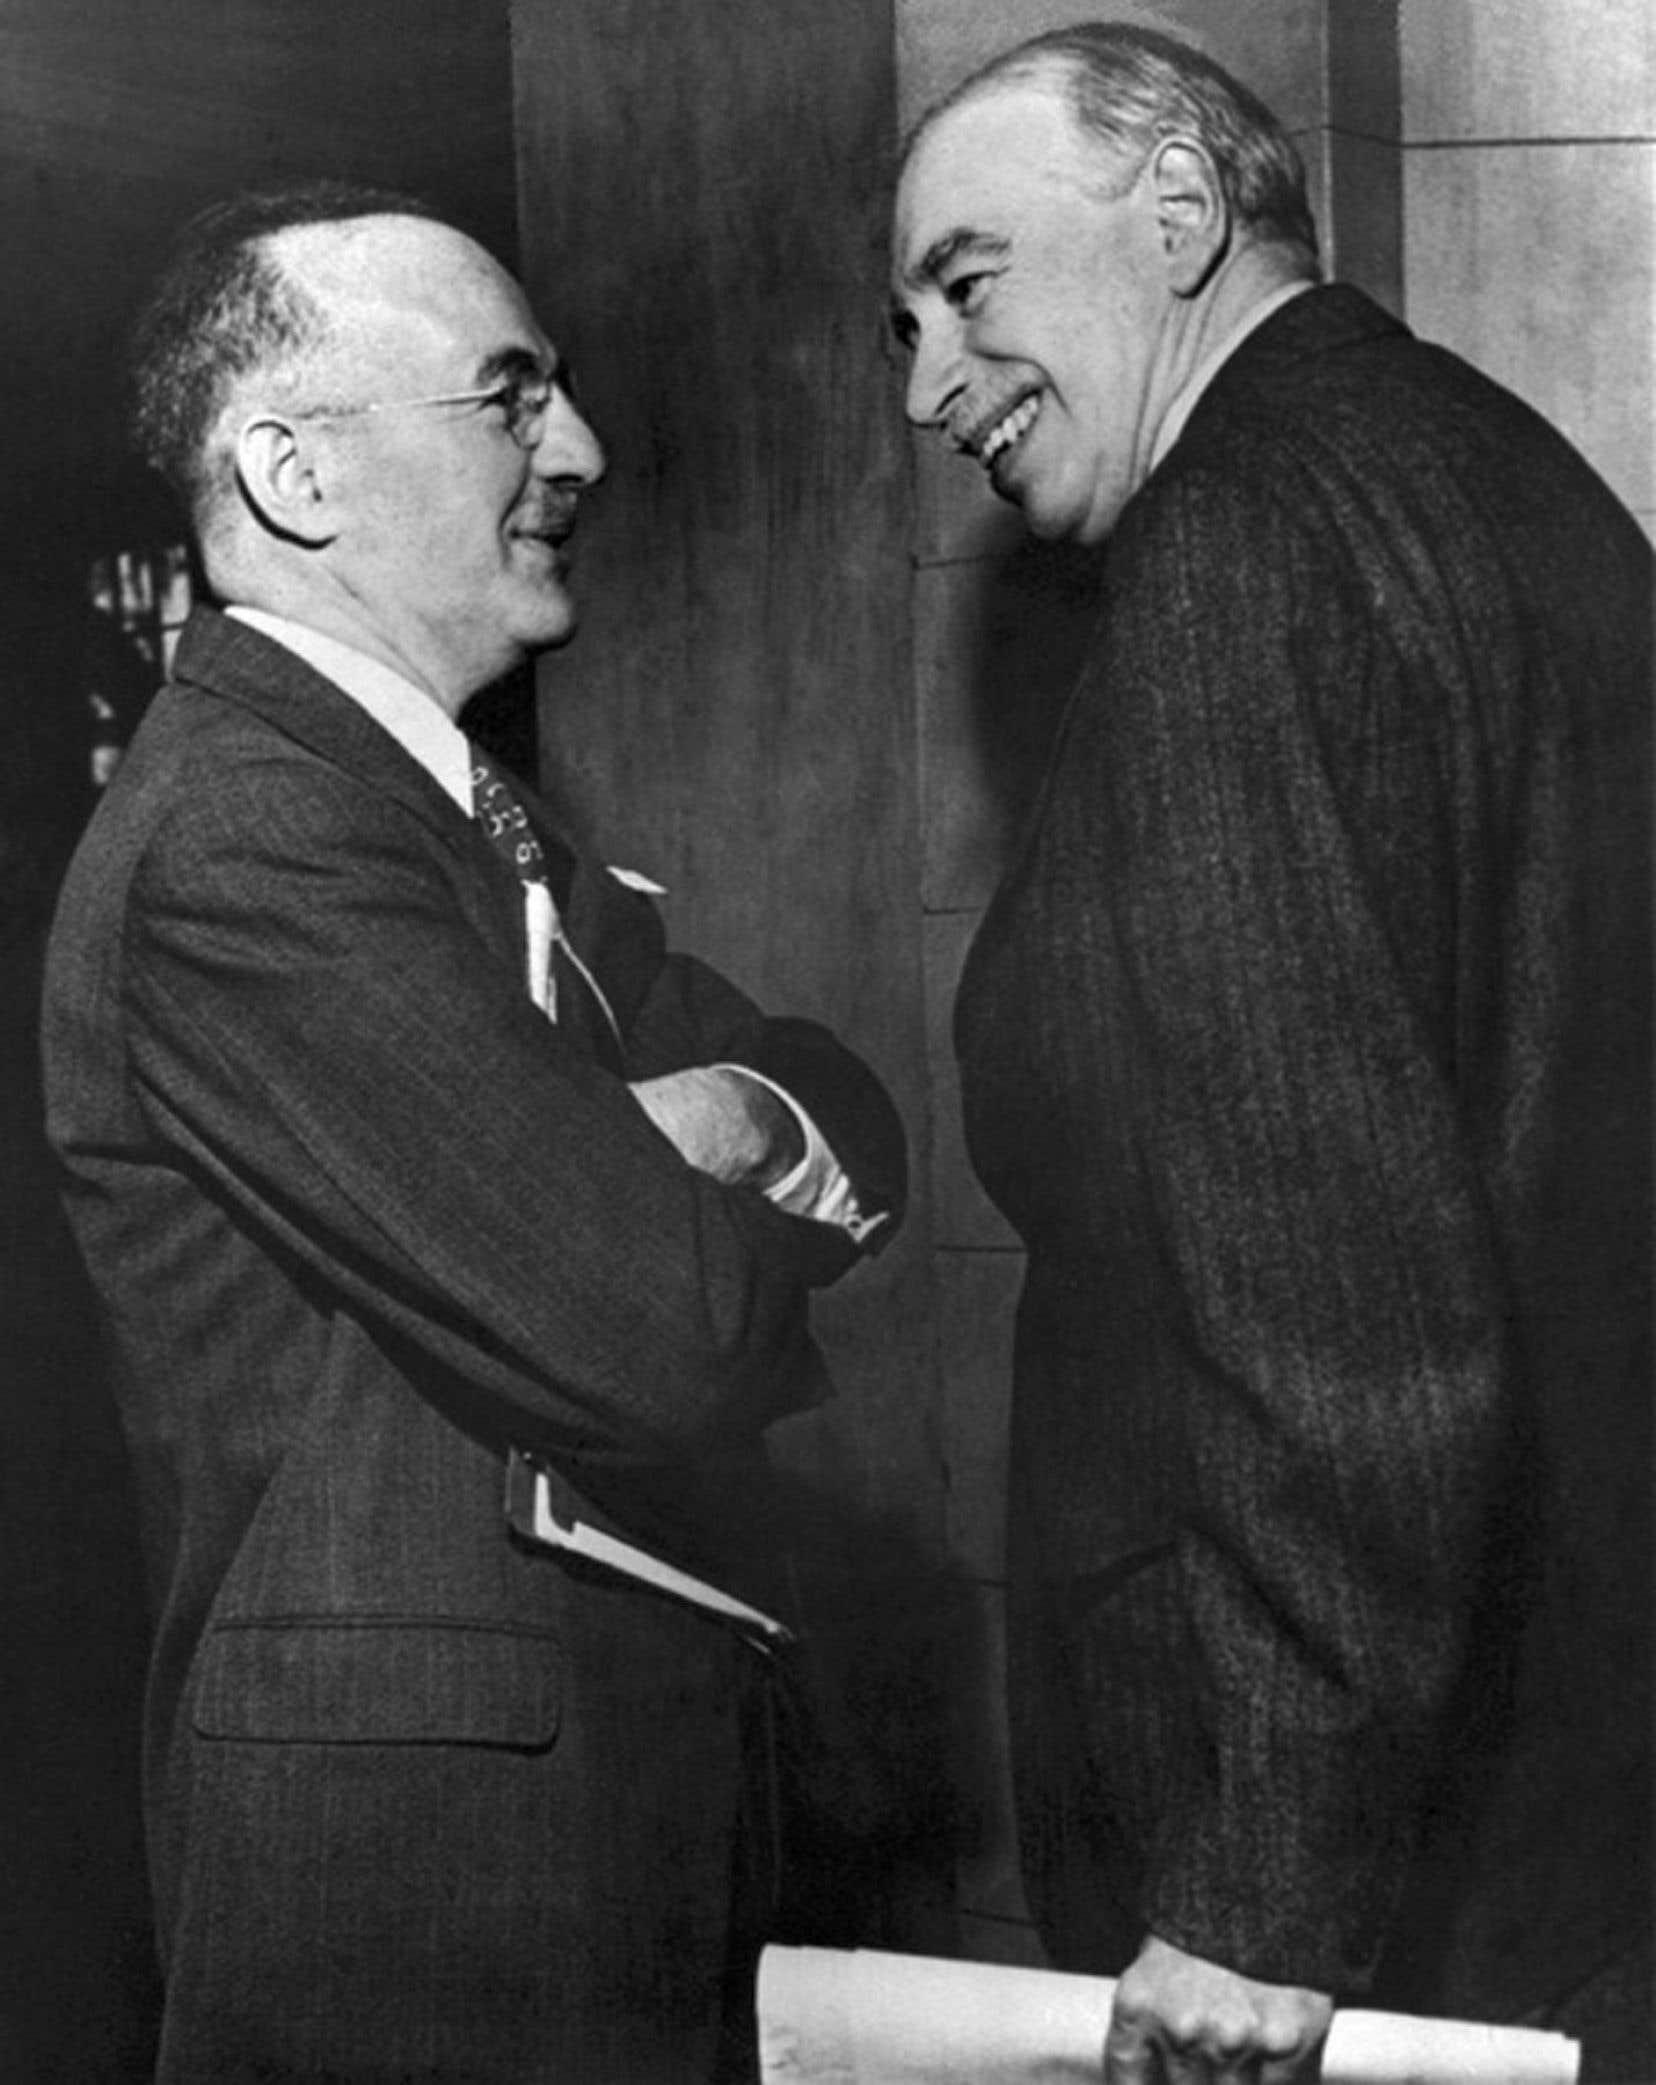 Les pères fondateurs, entre autres, du Fonds monétaire international, Harry Dexter White et John Maynard Keynes